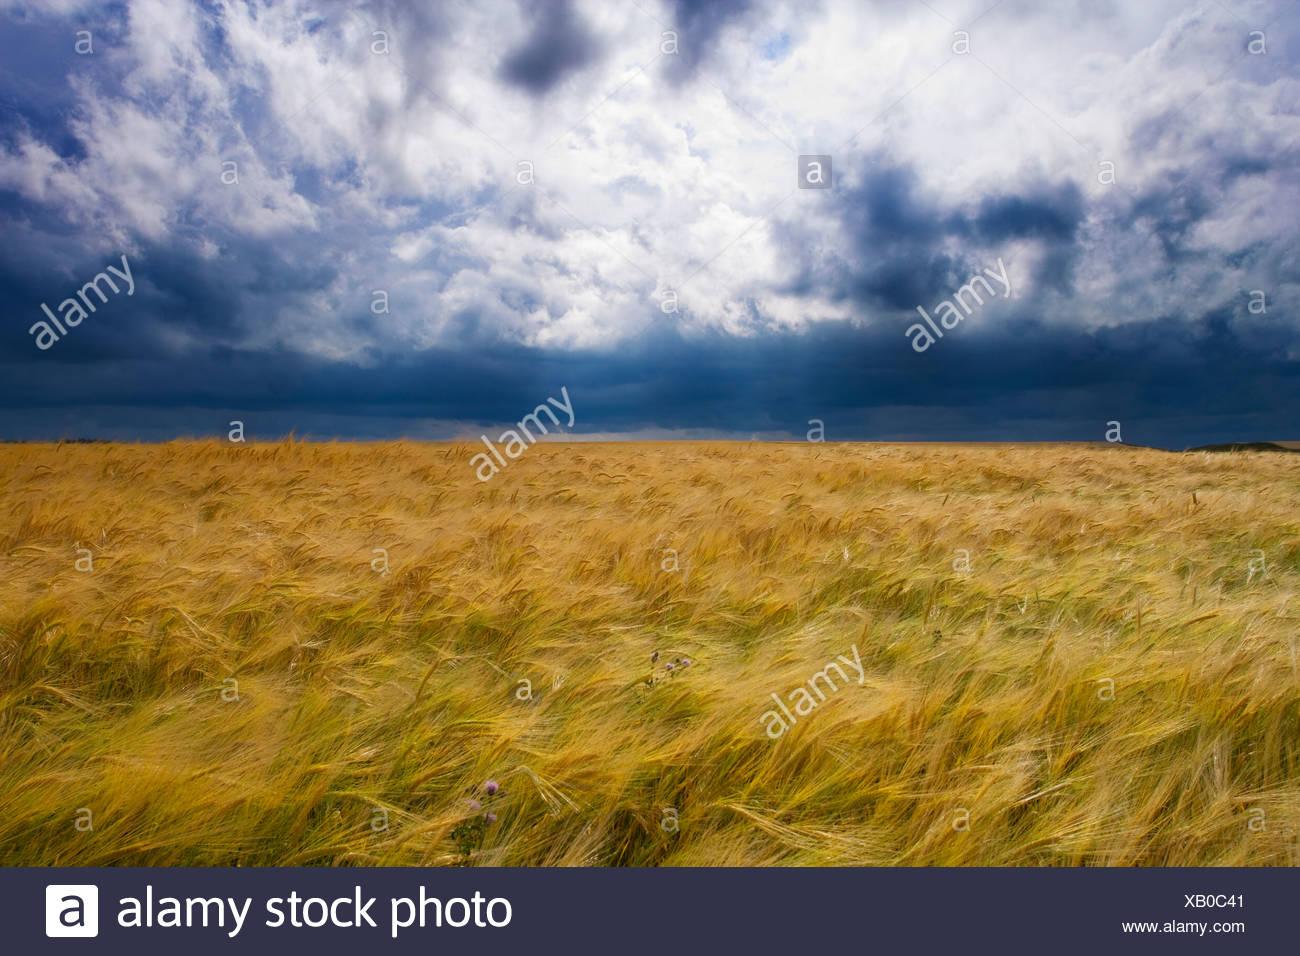 Orage de se déplacer sur un champ de céréales, Ridge Road 221, l'Alberta, Canada, nuage, météo, de l'agriculture Photo Stock